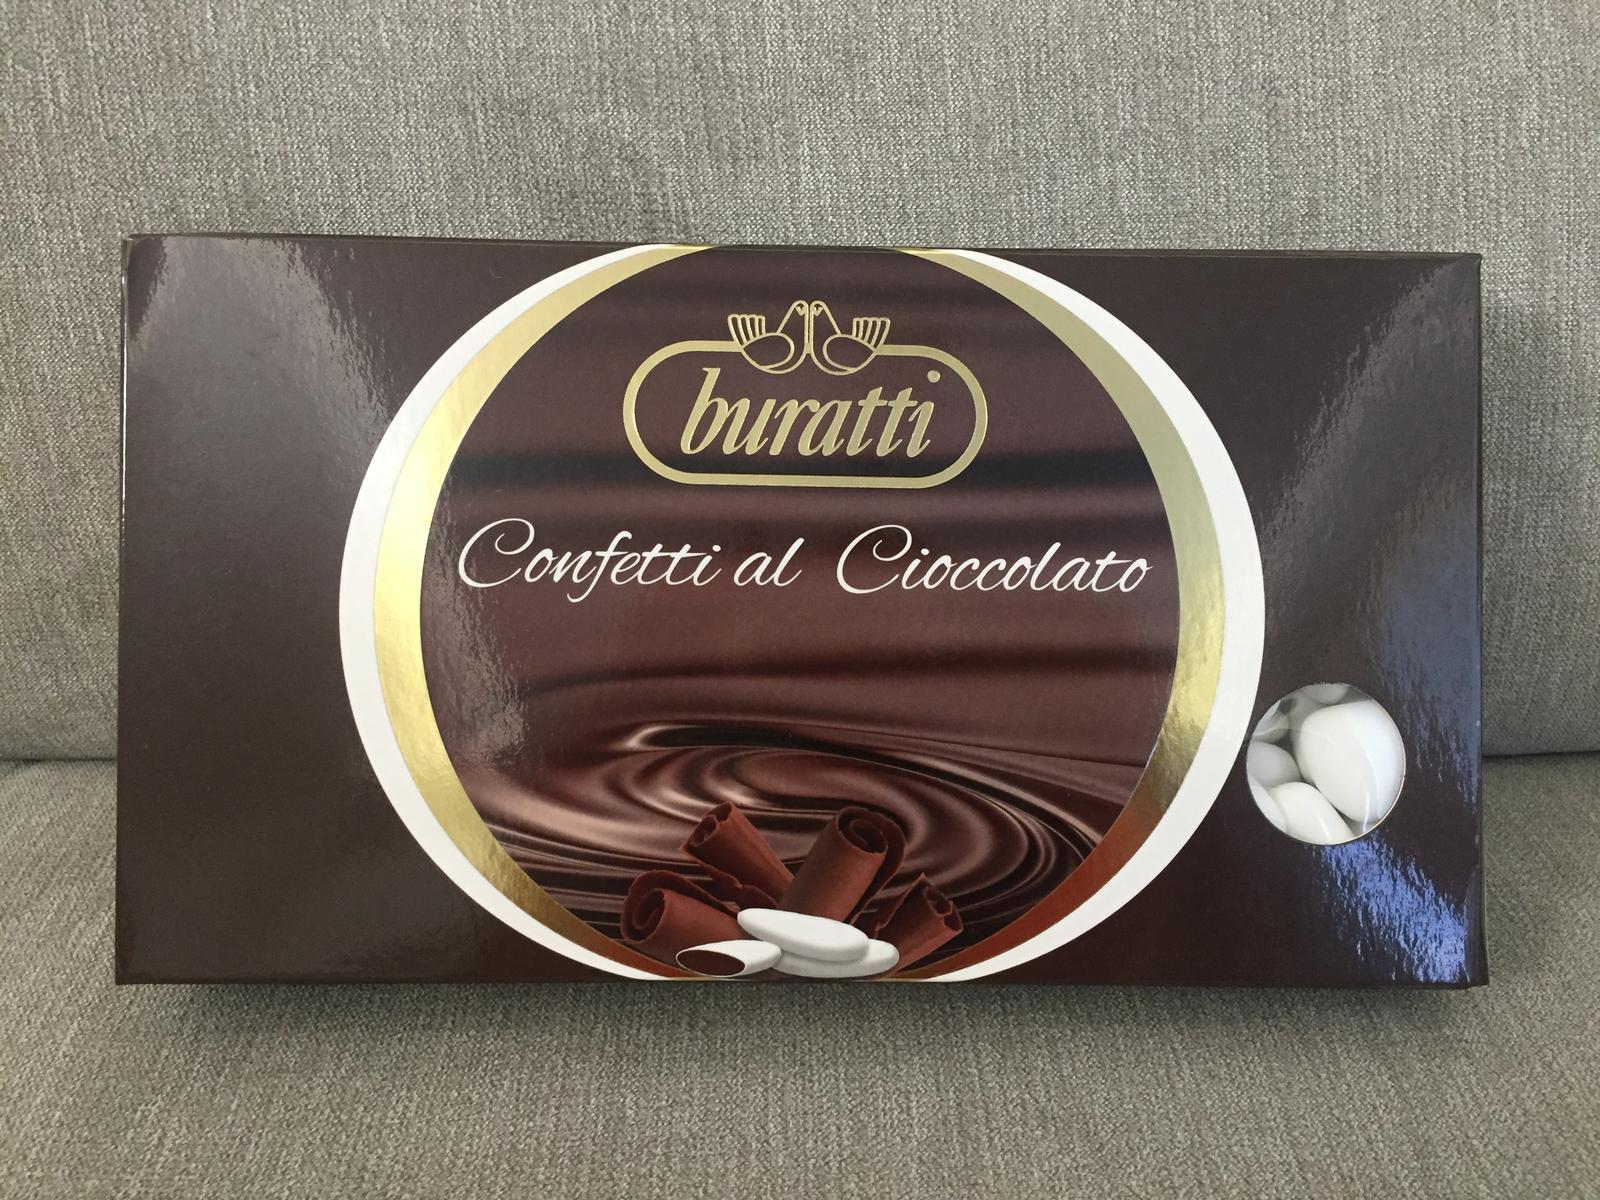 Veľké srdiečka plnené bielou čokoládou - Obrázok č. 1